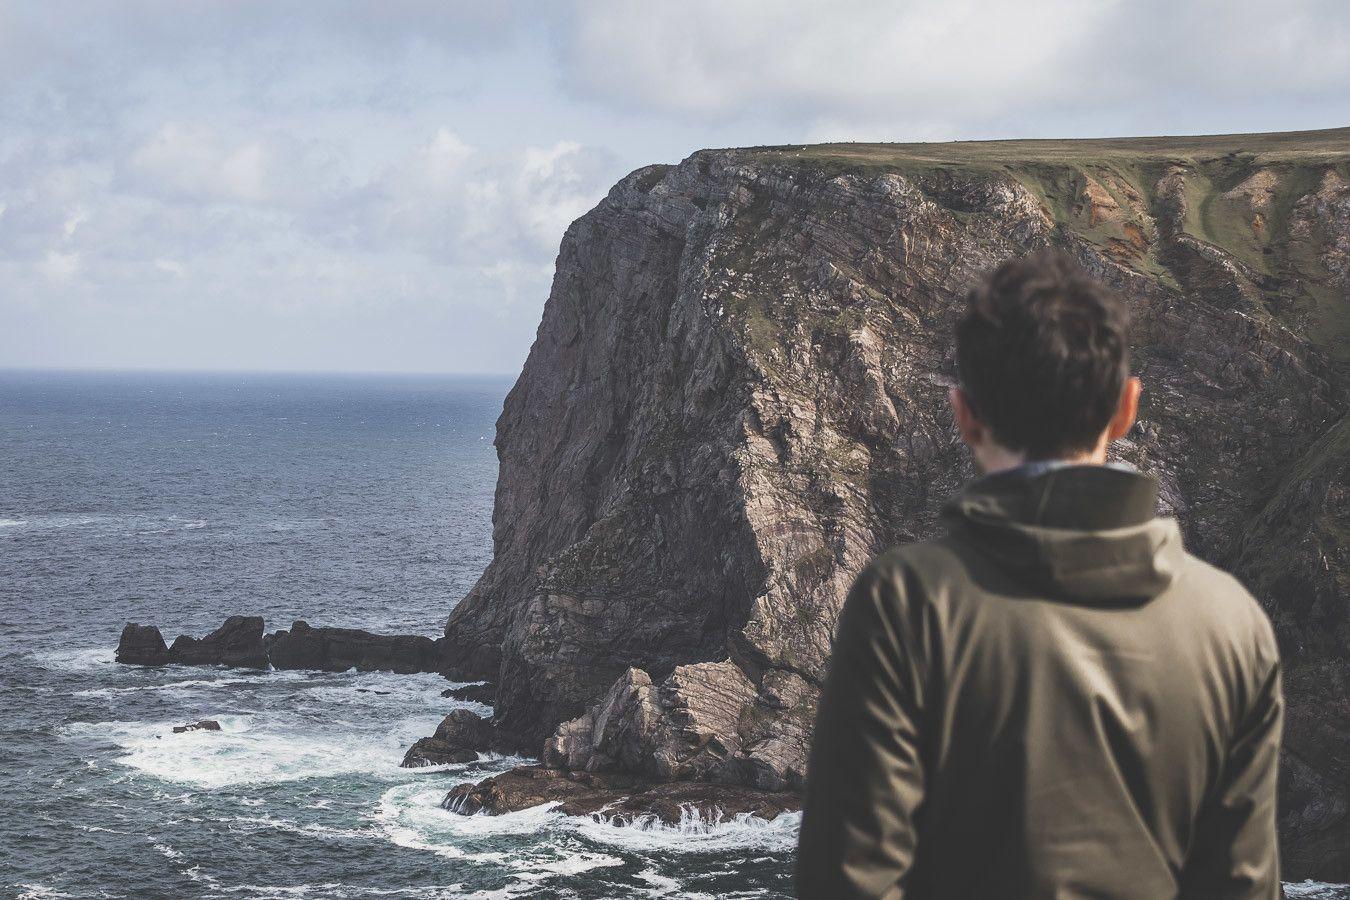 Vous vous demandez que faire en Irlande ? Quel itinéraire prendre en Irlande ? Que voir en Irlande ? Ce guide est fait pour vous. Retrouvez sur notre blog notre itinéraire détaillé de 11 jours en Irlande. Road trip Irlande / Irlande road trip / Irlande paysage / Irlande / Voyage Irlande / Voyage en Irlande / Carnet de voyage Irlande / Carnet voyage Irlande / Vacances Irlande / Road trip Europe / Road trip / Itinéraire Irlande / Irlande itinéraire / Vacances Irlande